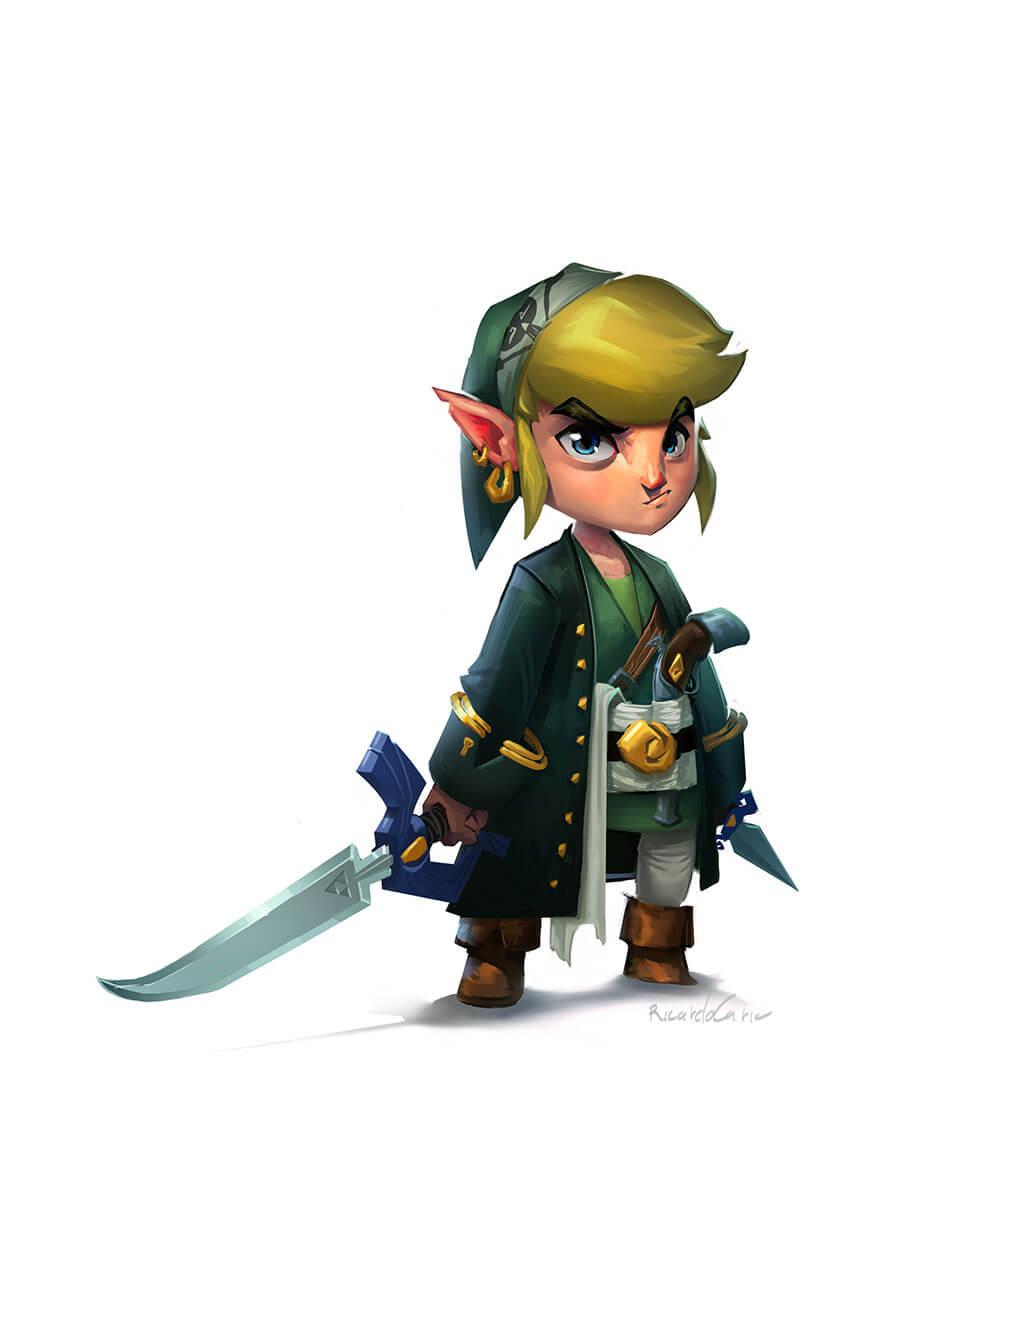 Zelda Fan Art by Ricardo Caria